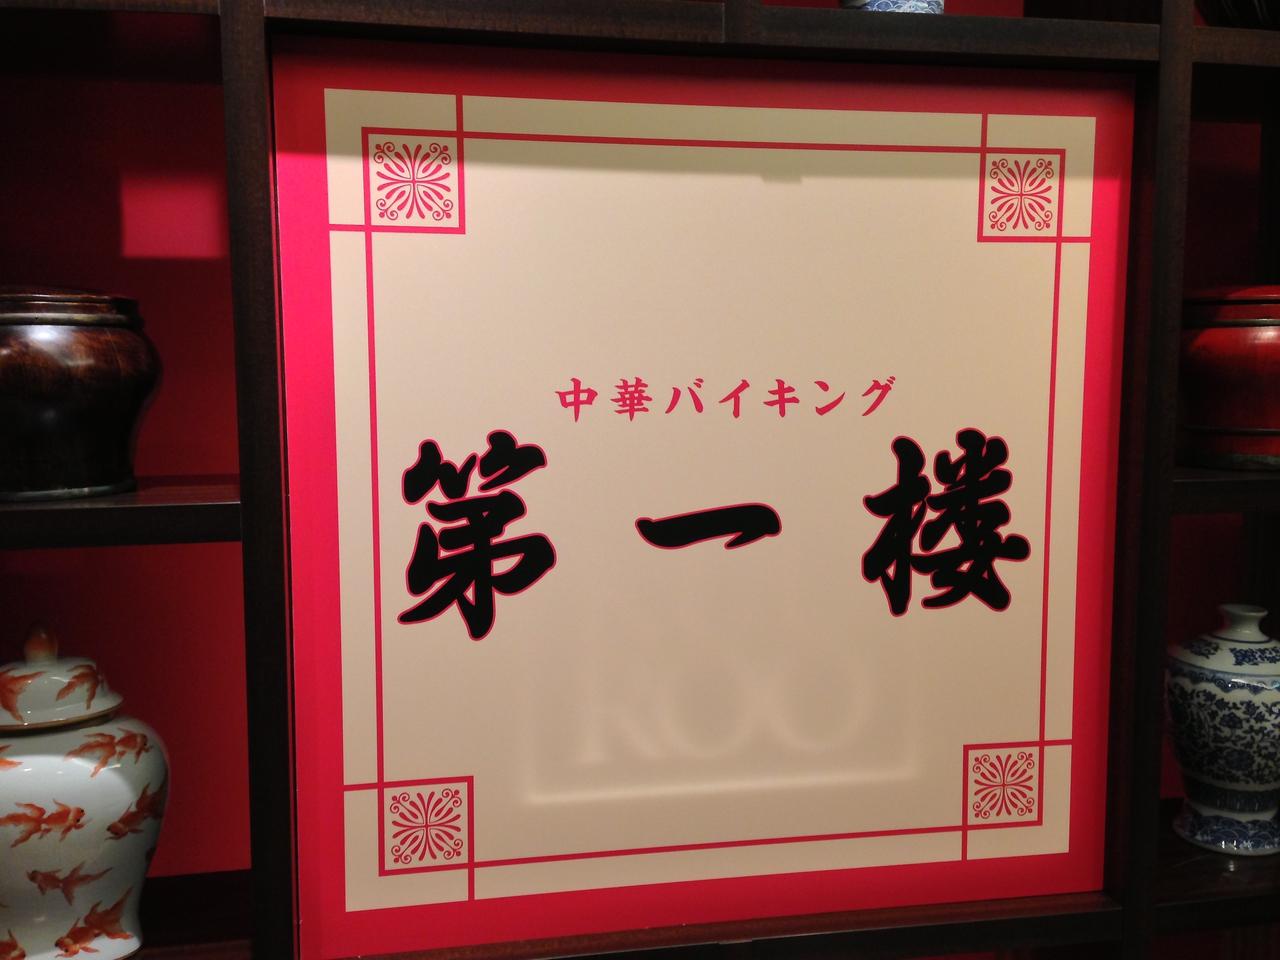 中華バイキング第一楼(だいいちろう)